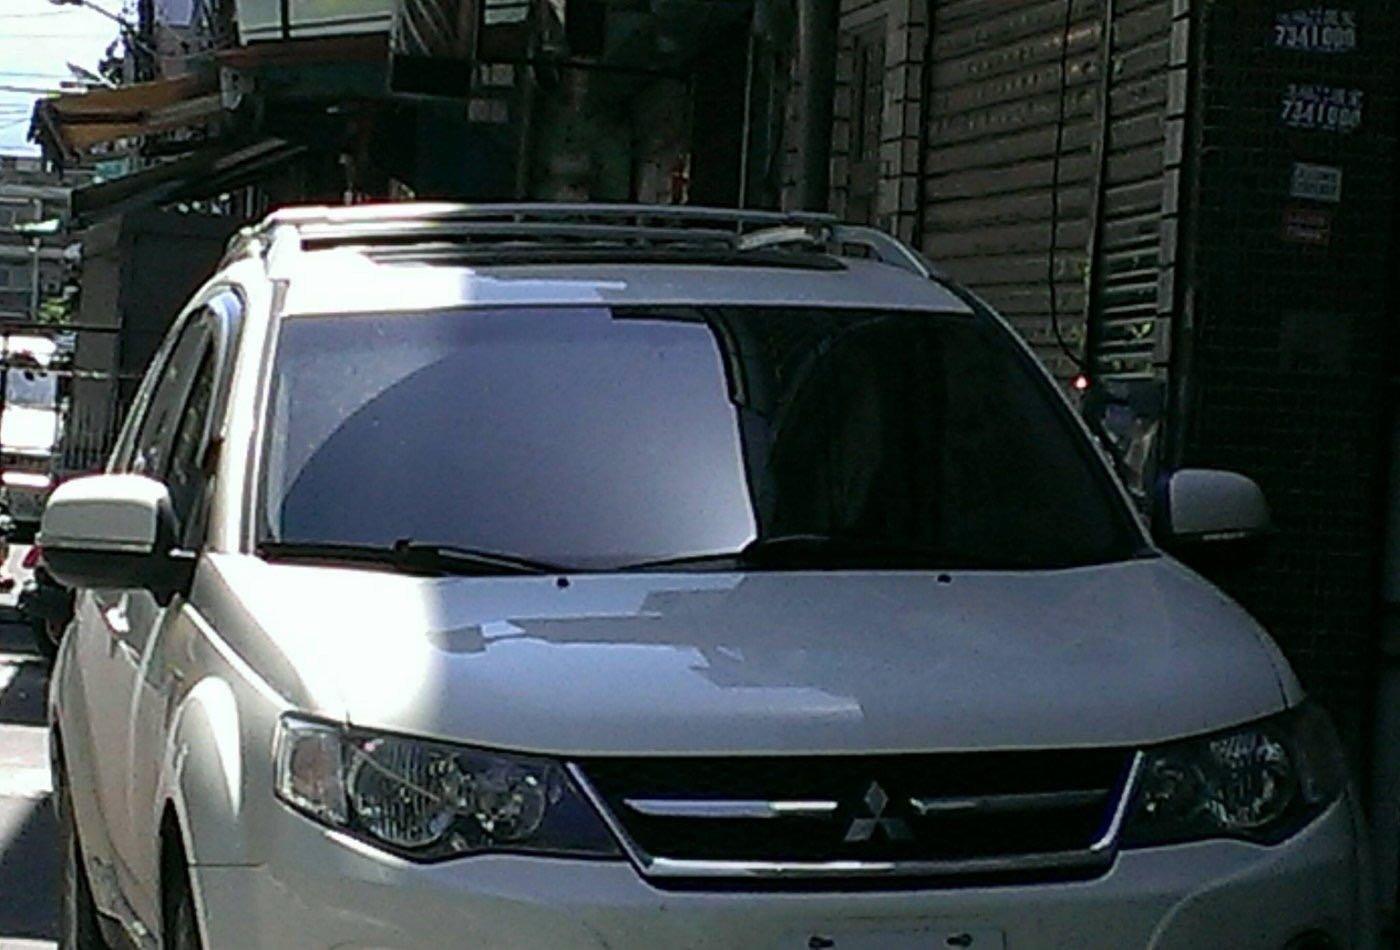 ㊣TIN汽車配件㊣三菱07~14 Outlander專用橫桿行李架 橫桿 自行車架 旅行架車頂架,(原廠車頂搭配直桿)